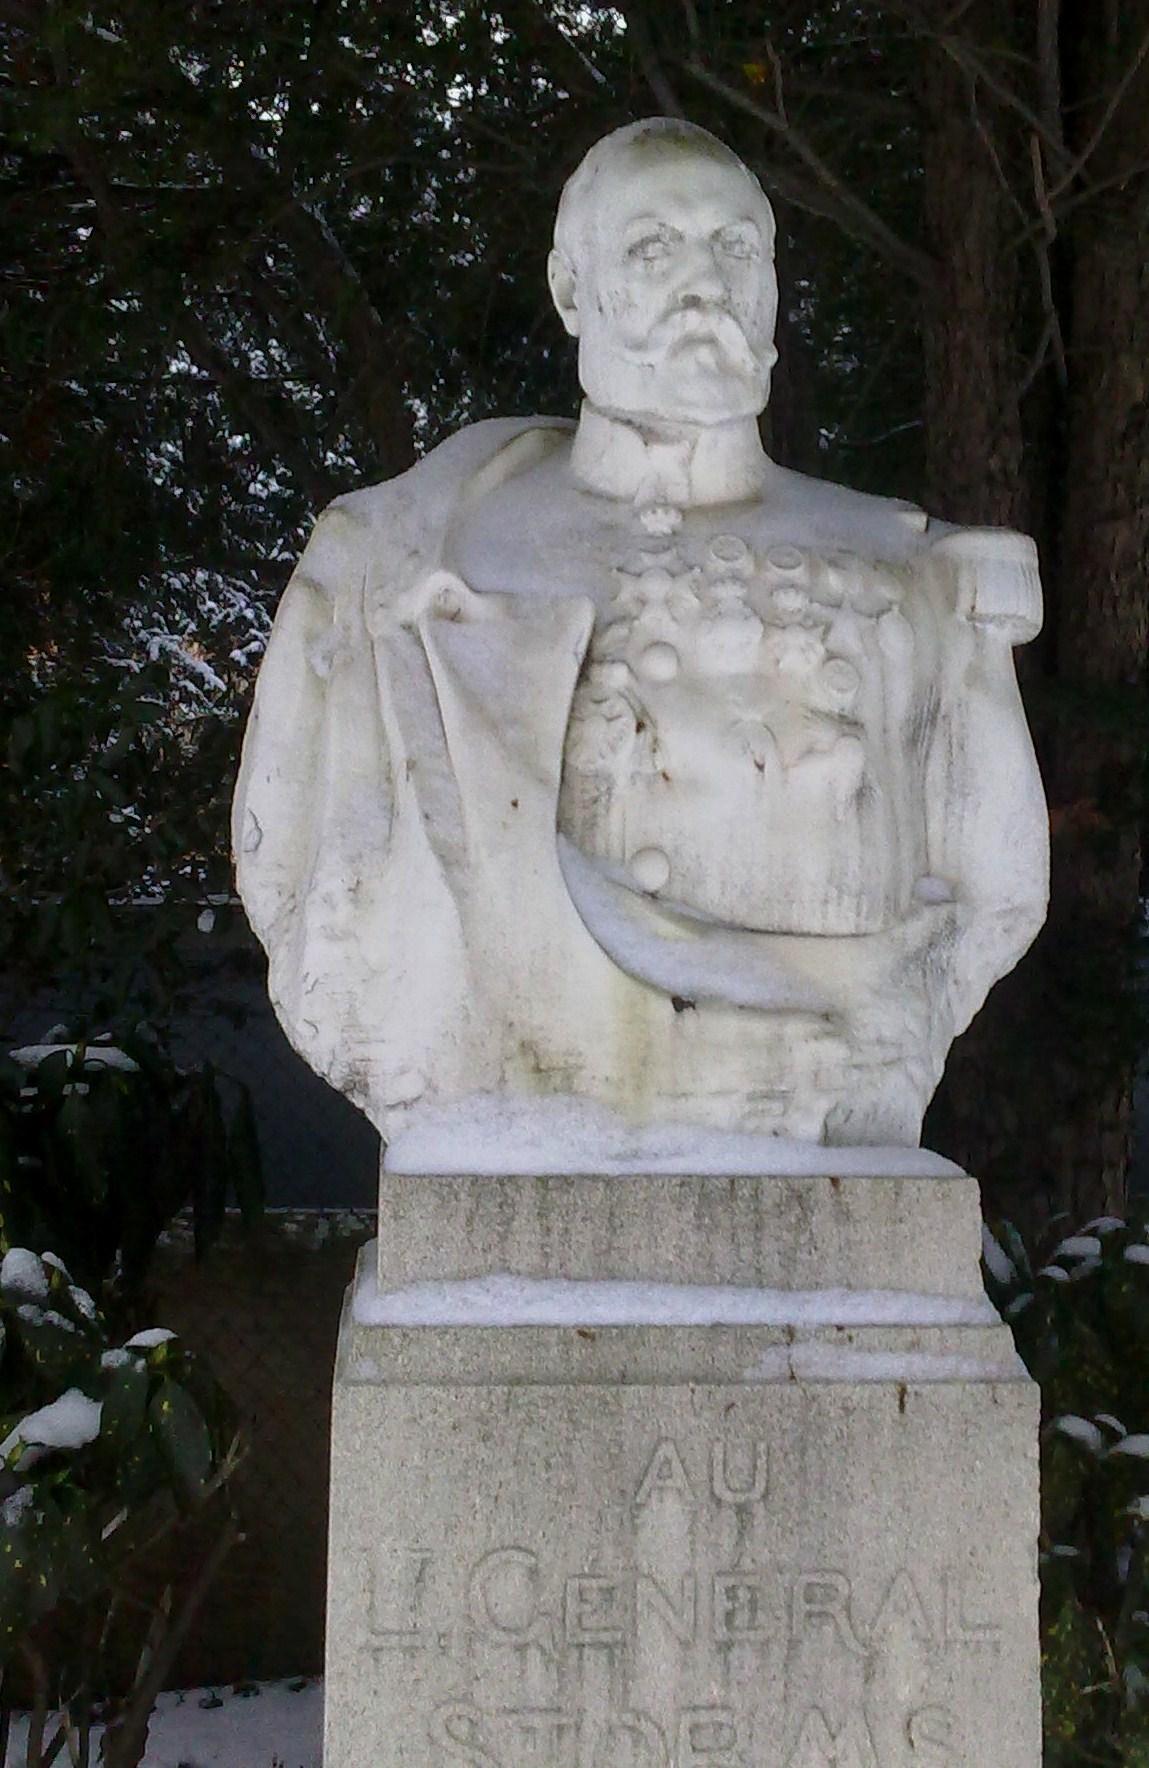 Emile Storms, standbeeld op het prestigieuze de Meeûssquarein Brussel.